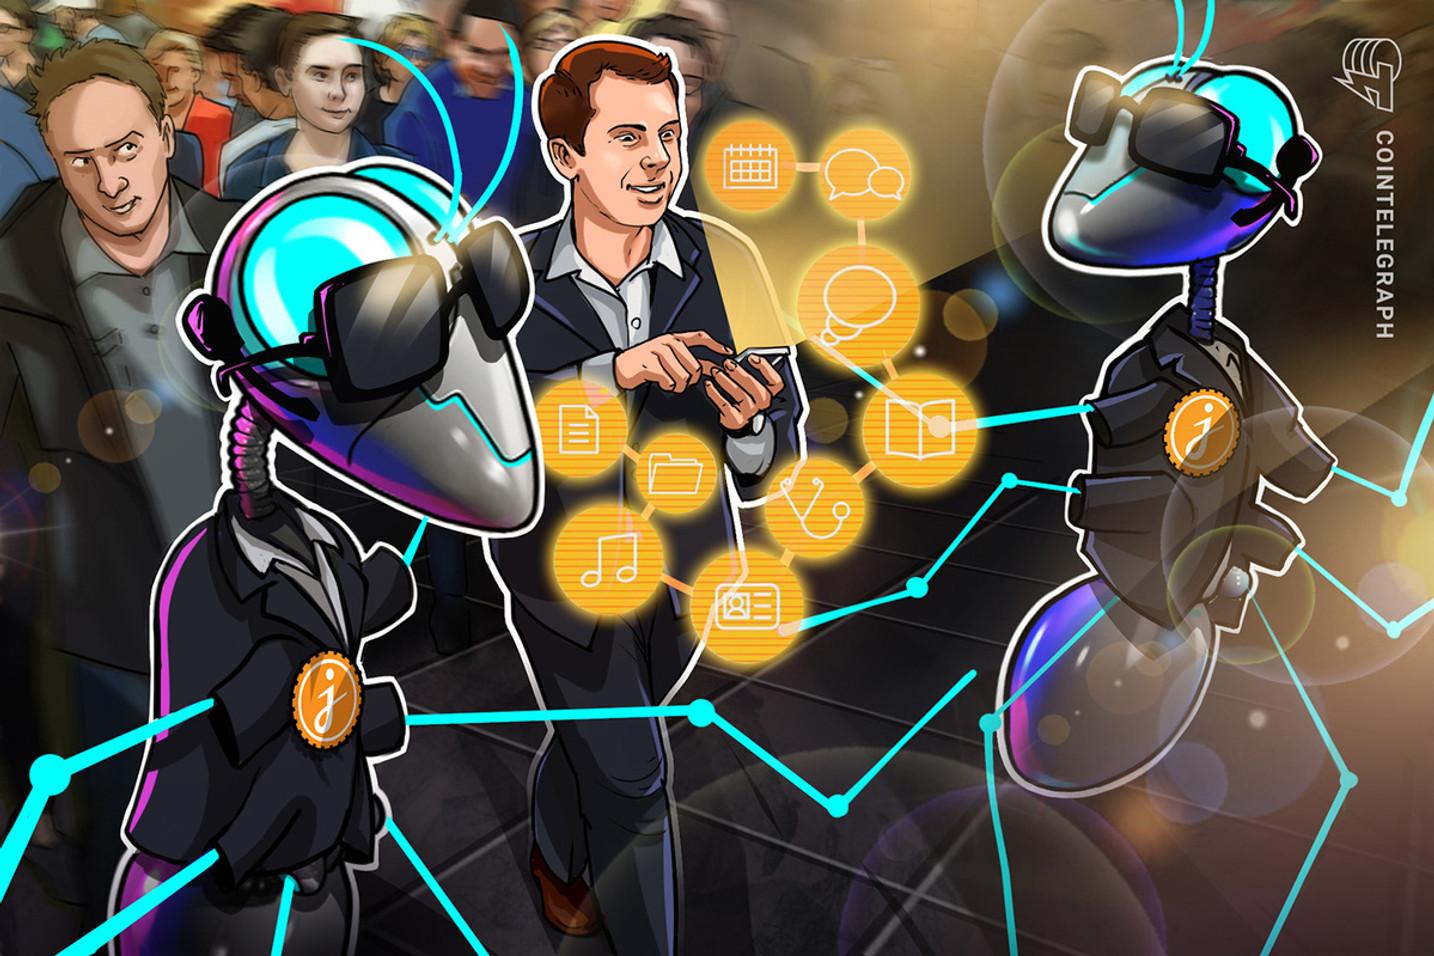 អ៊ីអូធីដើម្បីបញ្ចេញទិន្នន័យឯកជនកាន់តែច្រើនប៉ុន្តែ blockchain អាចជួយគ្រប់គ្រងវិញបាន